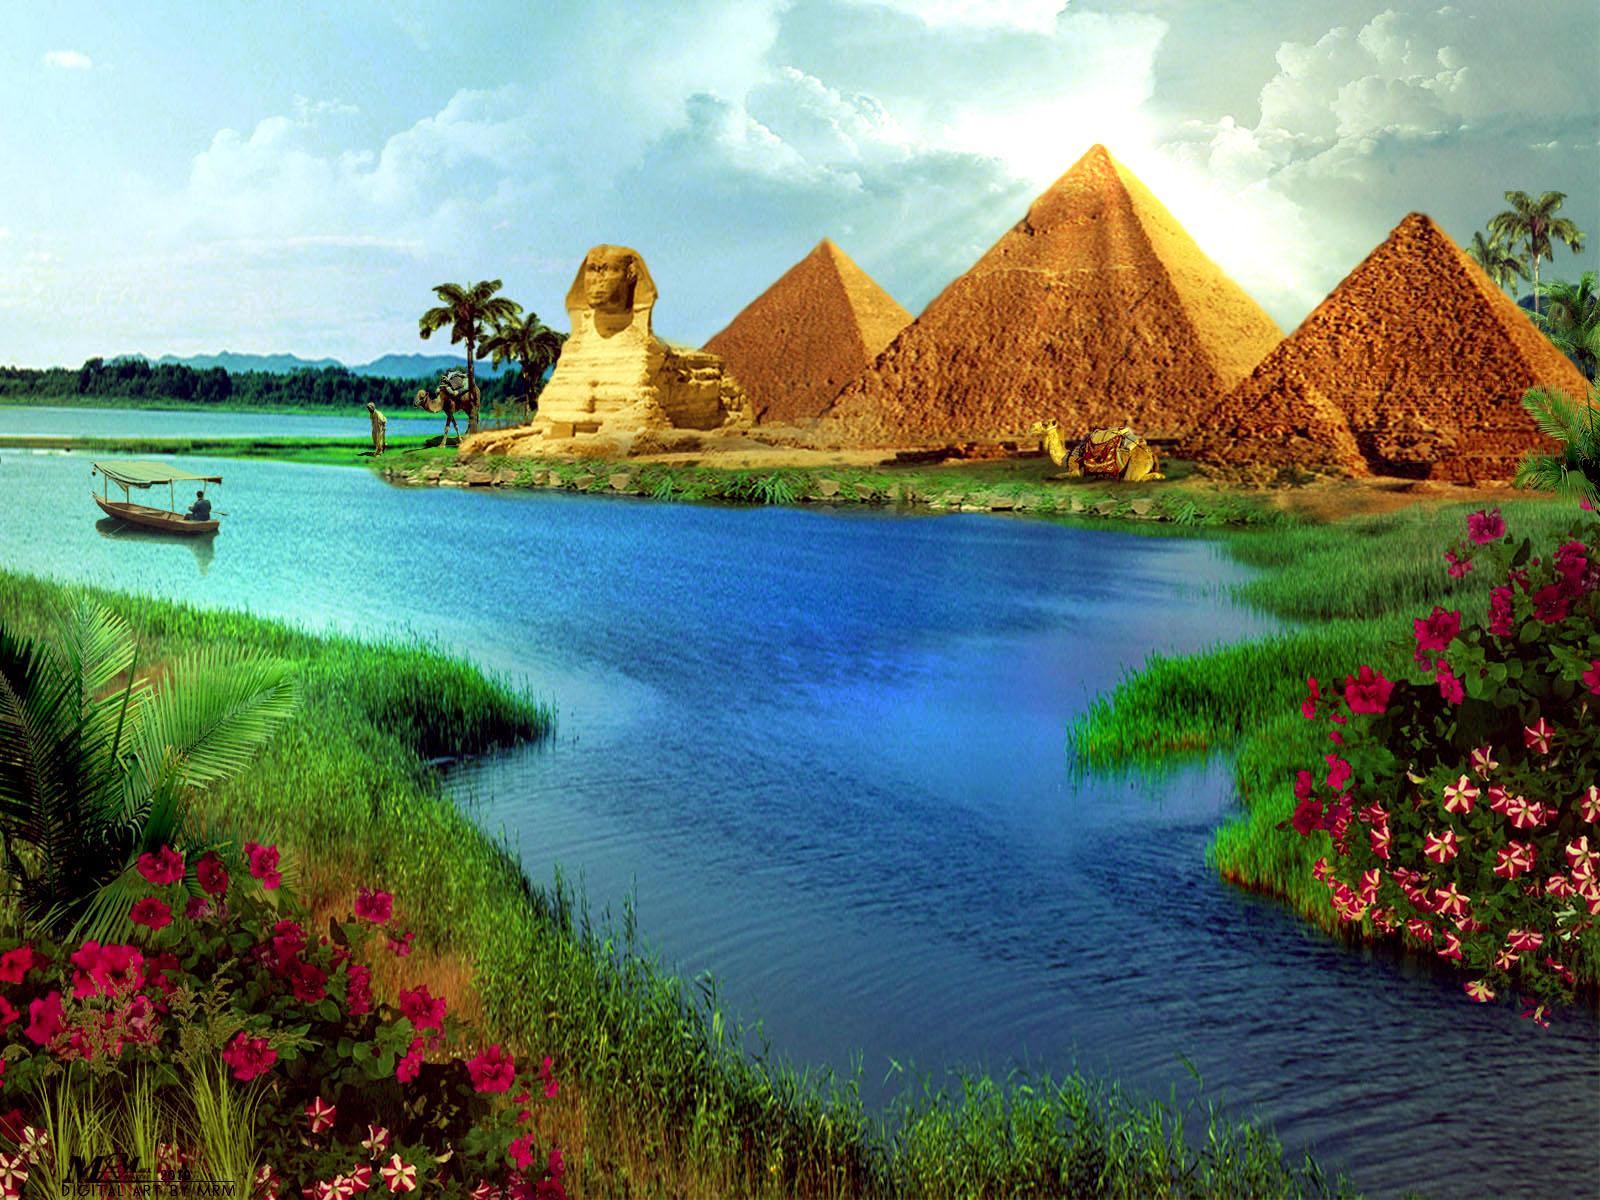 http://3.bp.blogspot.com/-3YEIV6jYLiA/TWHtQAgDrCI/AAAAAAAANdA/MG3-chM7ddc/s1600/Egyptian%2BPyramid-Photo%2BManipulation%2BArt%2BBy%2Bmrm.jpg